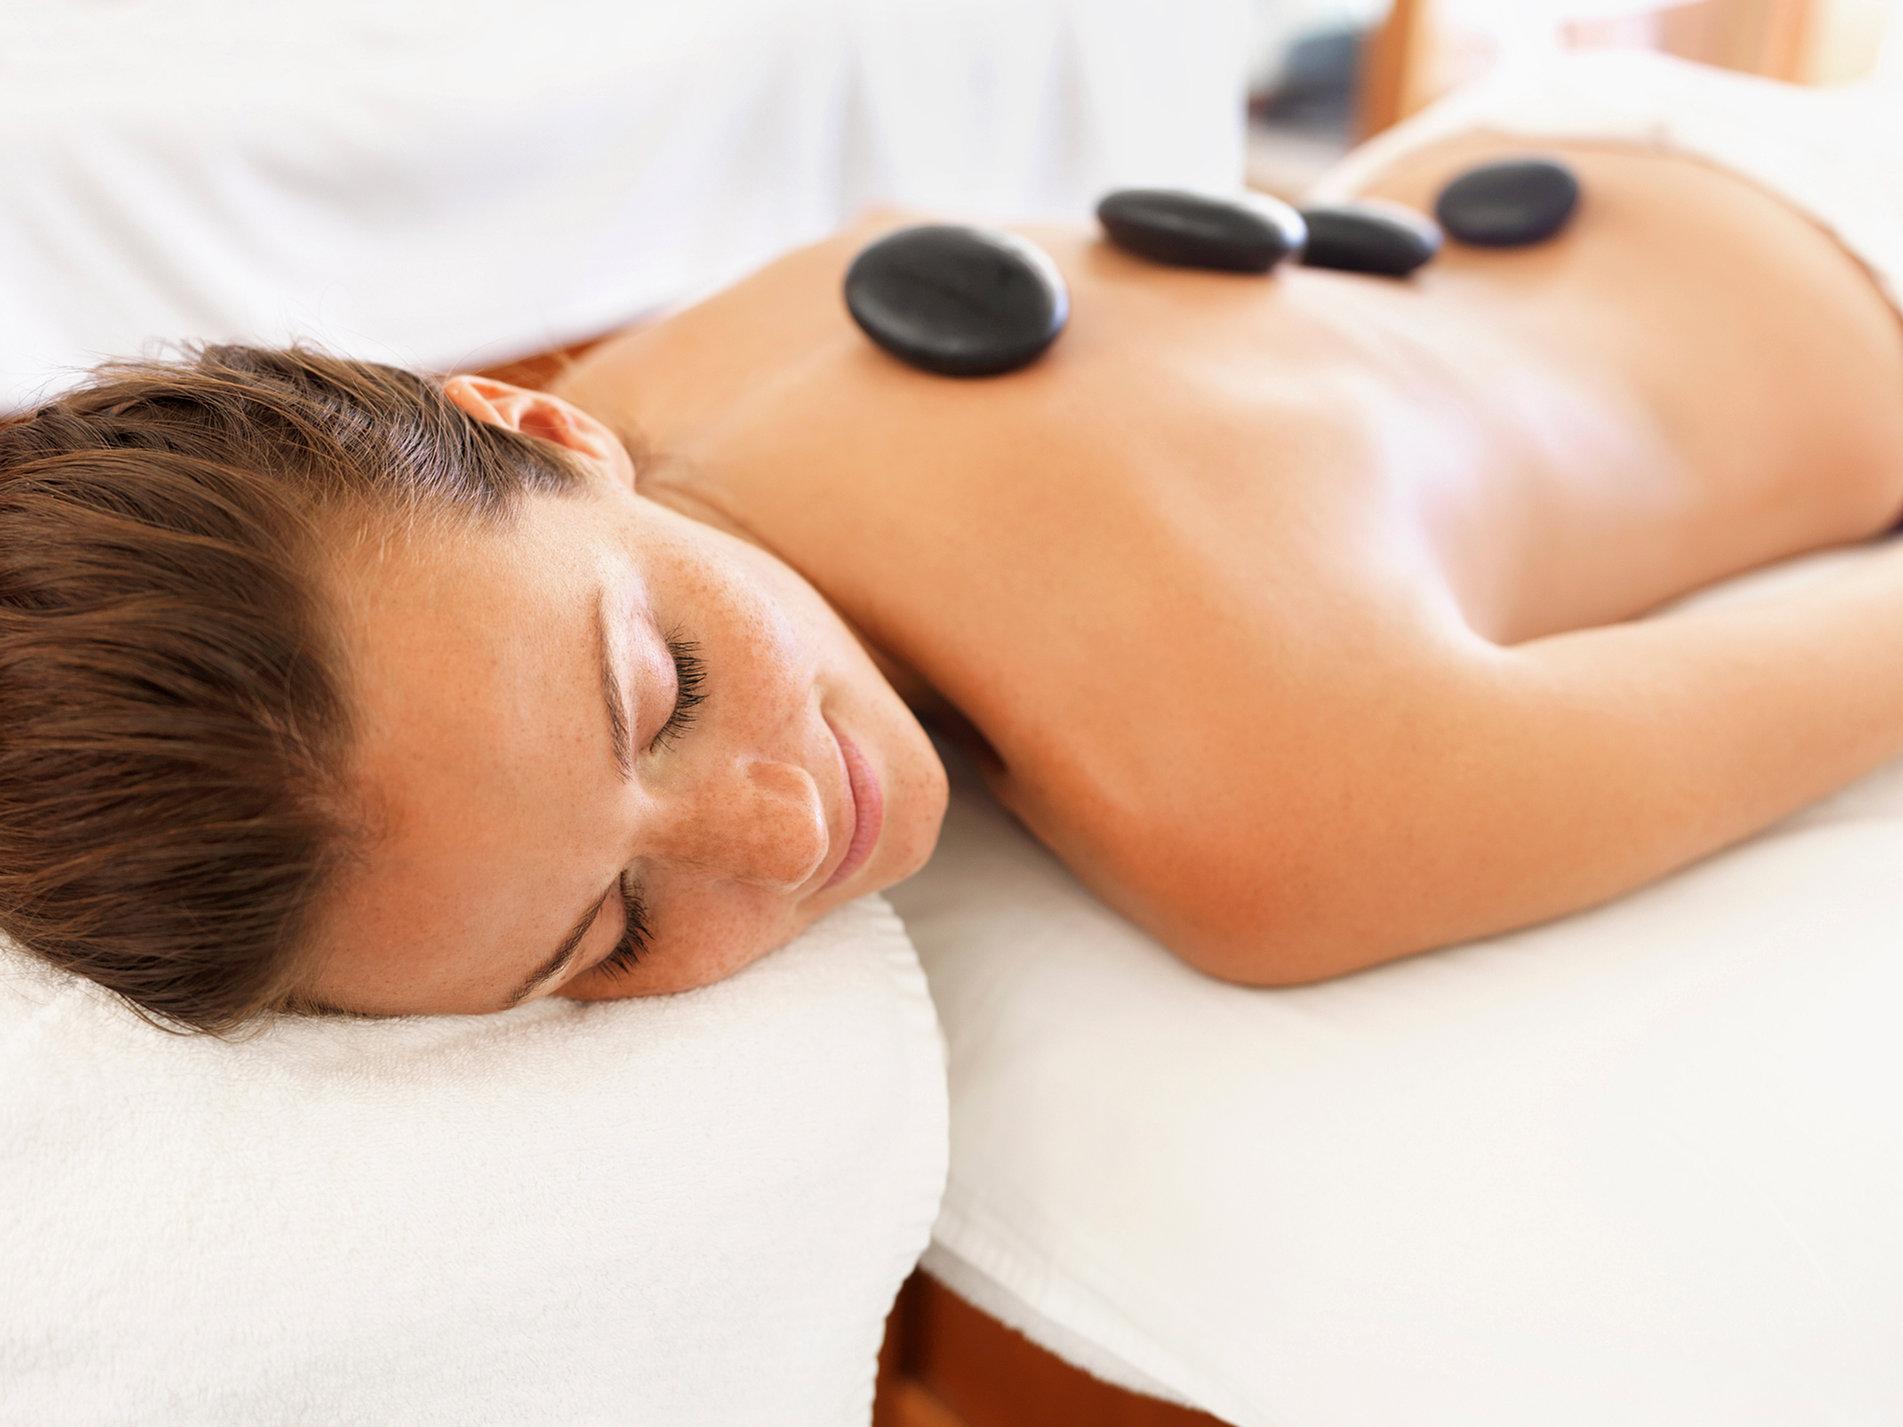 spa och massage eskort flickor